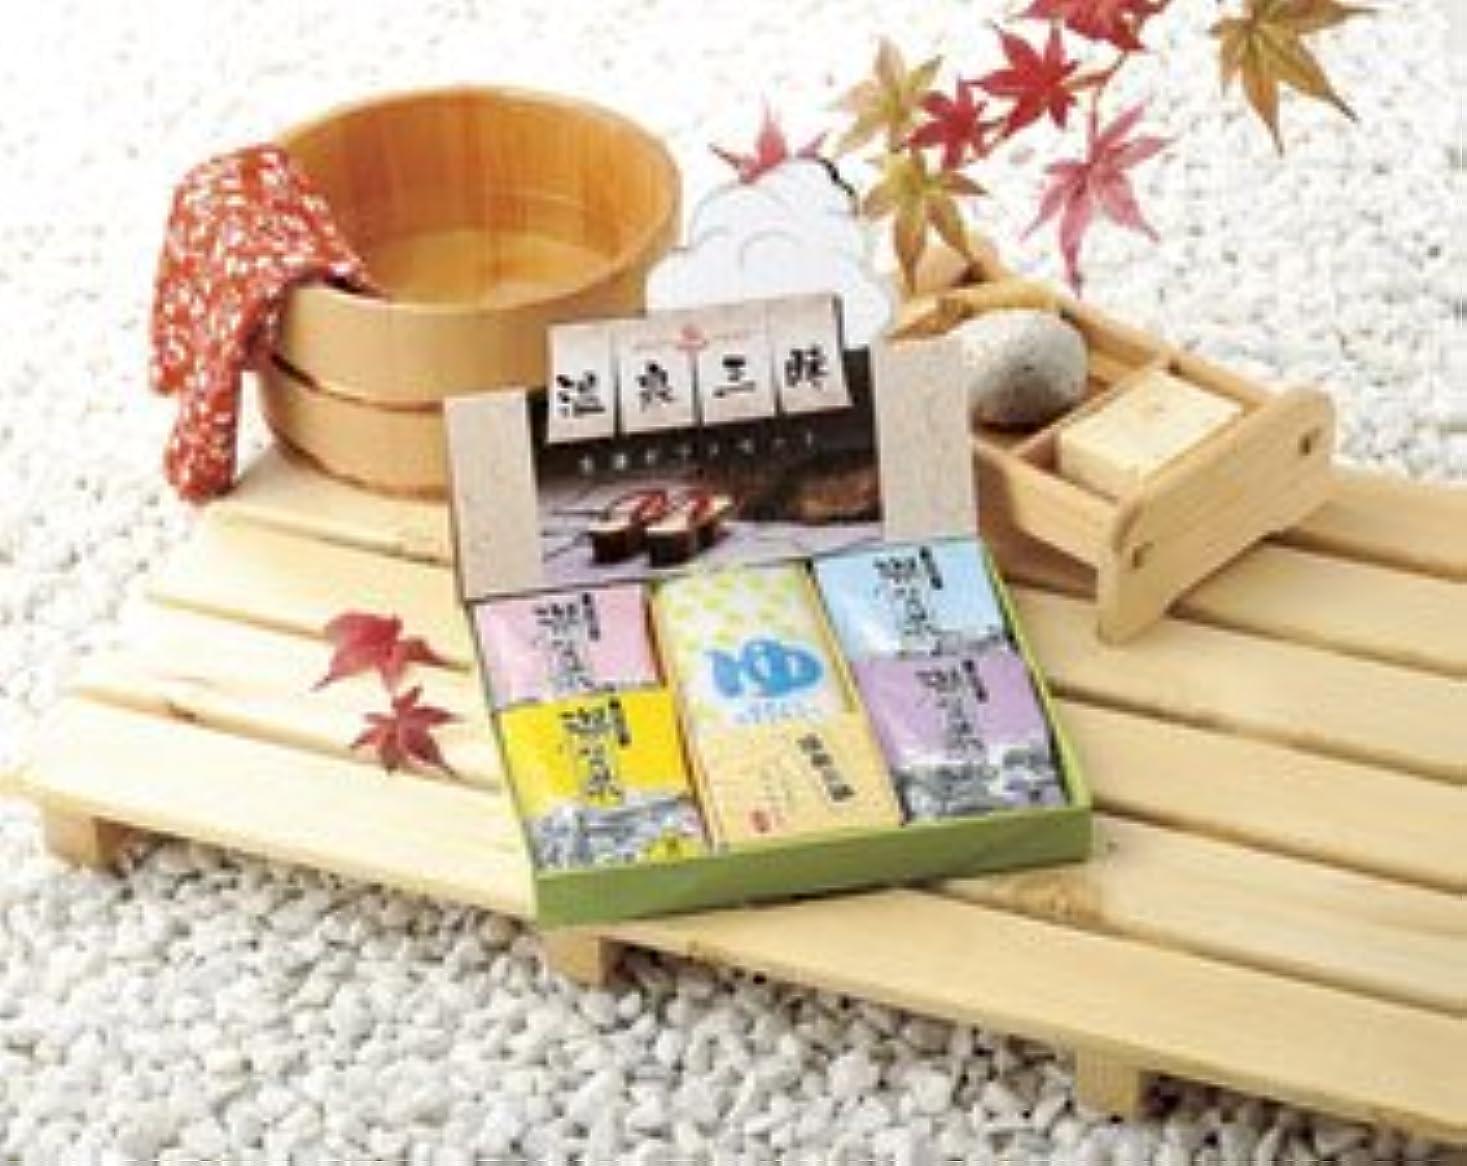 浸した目的酸温泉三昧 名湯ギフトセット 1ケース60個入り(1個単価¥415)